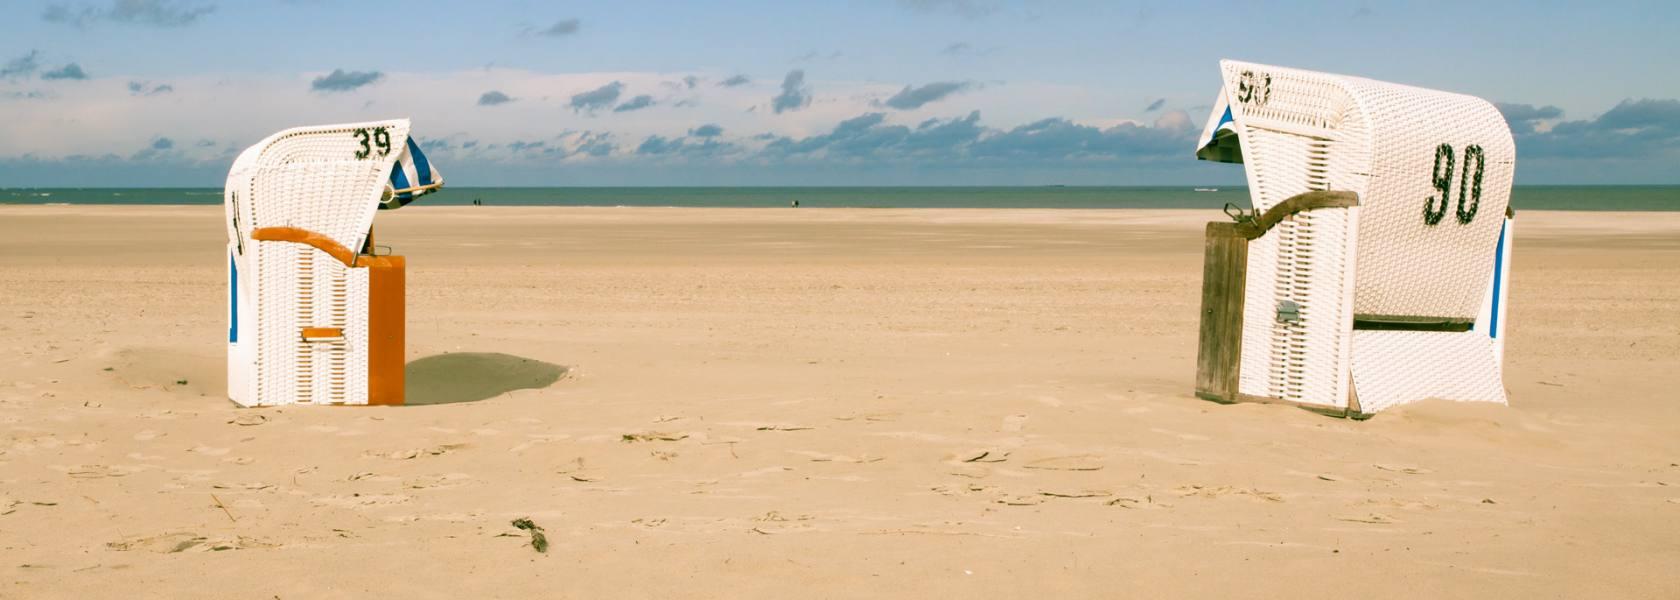 Strandkörbe auf Spiekeroog, © Dietmar Scherf